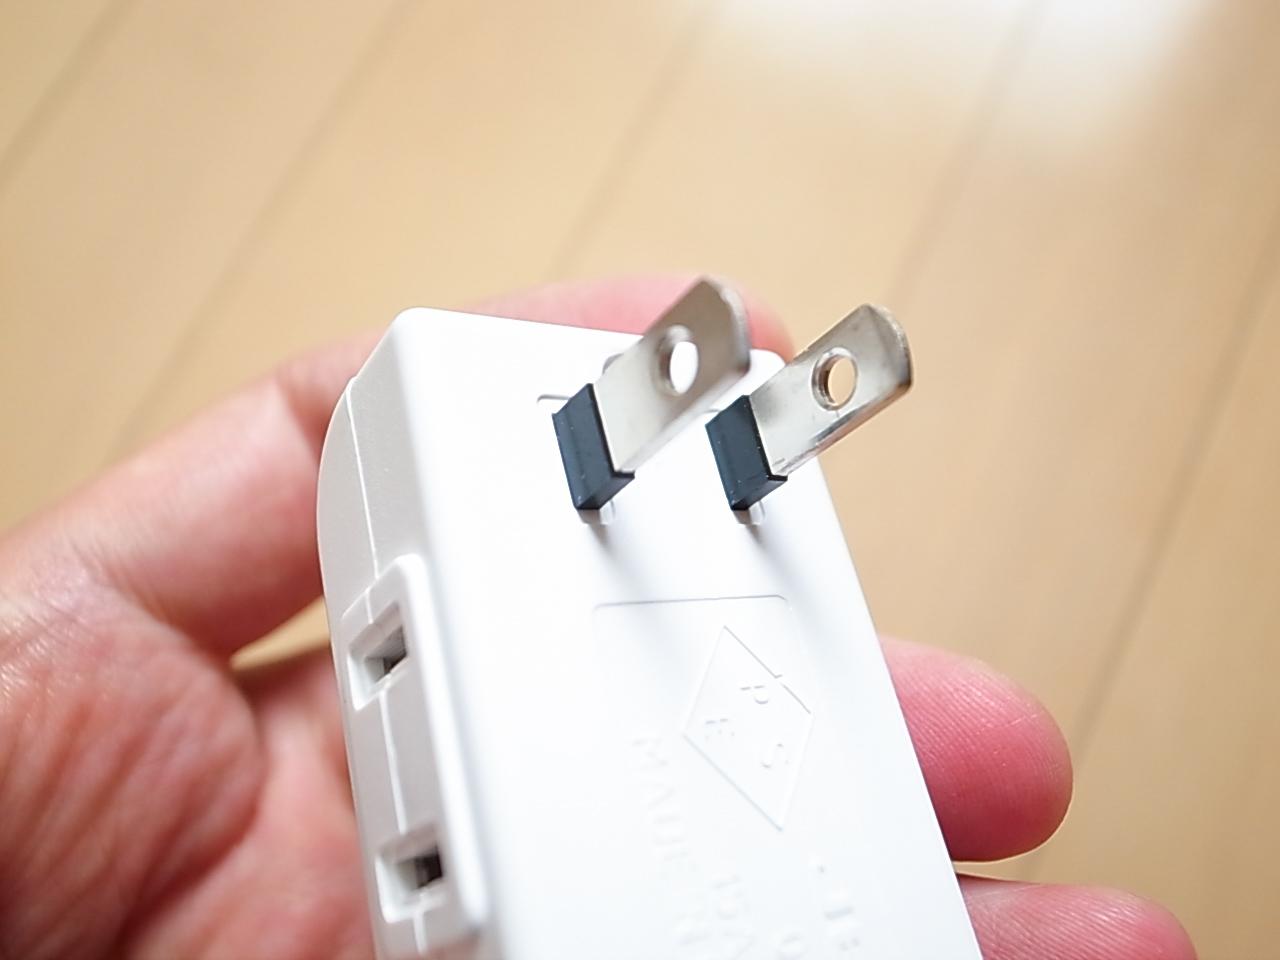 Micro tap 5